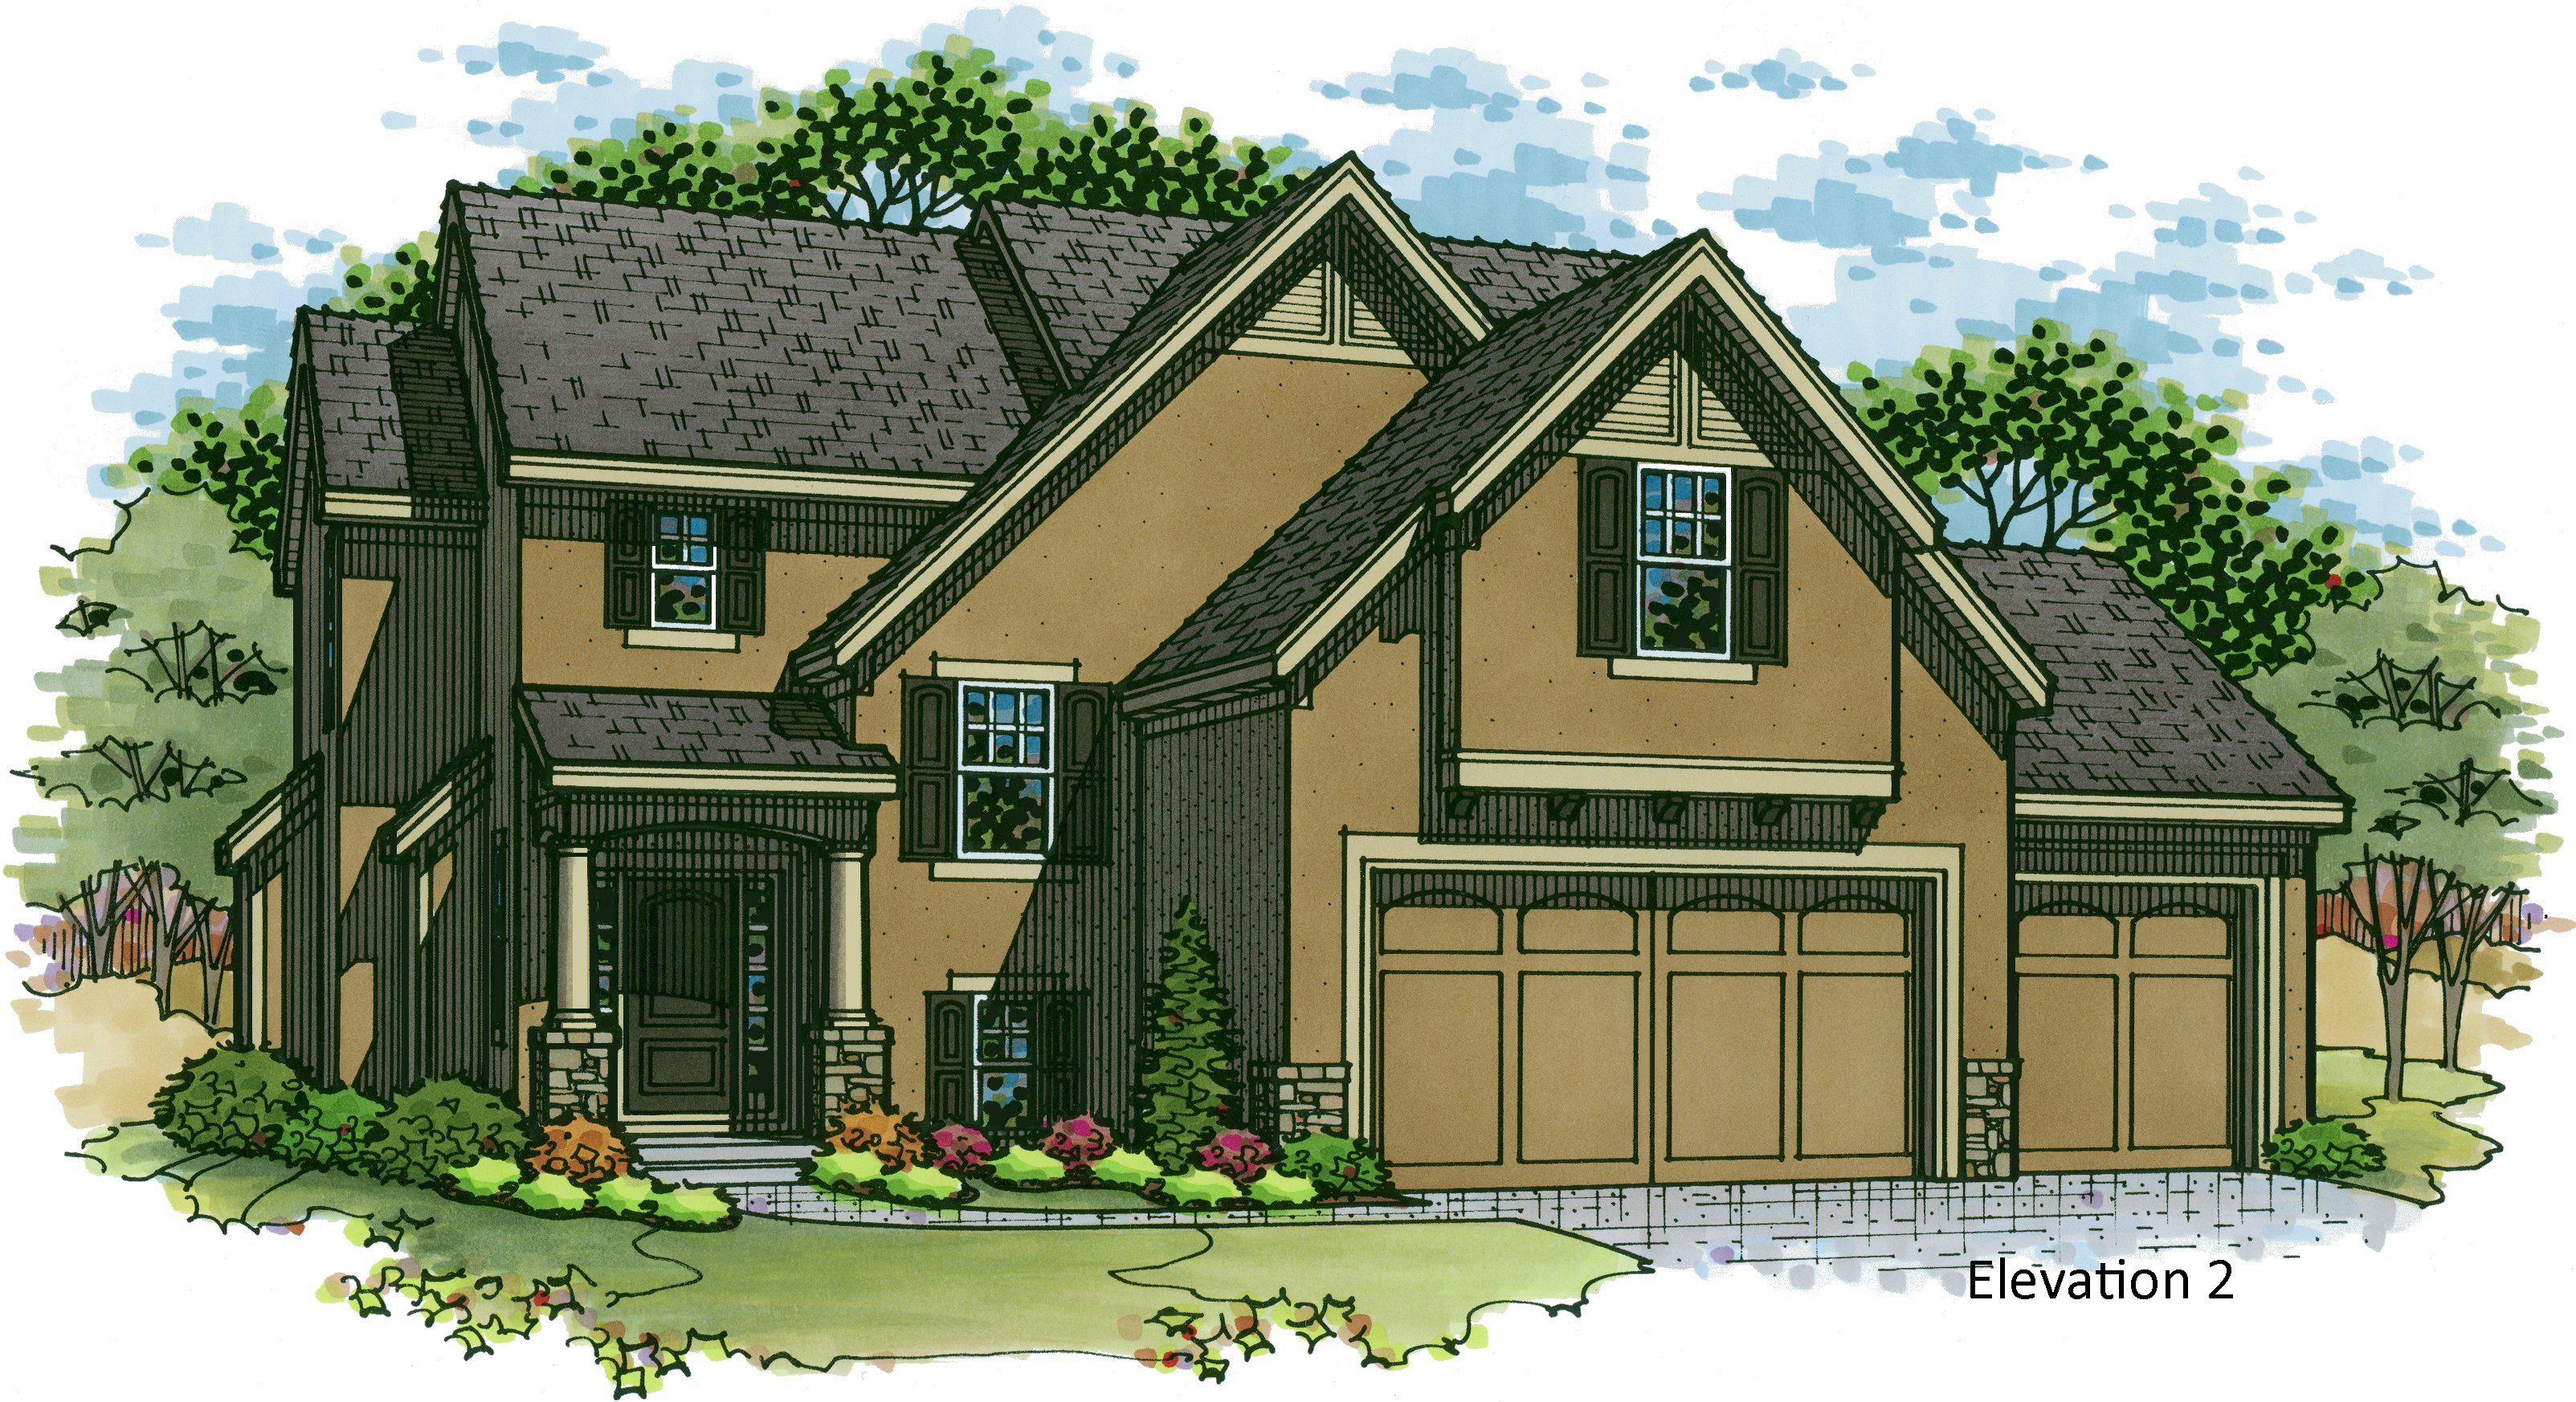 Destin EX elevation 2 color rendering